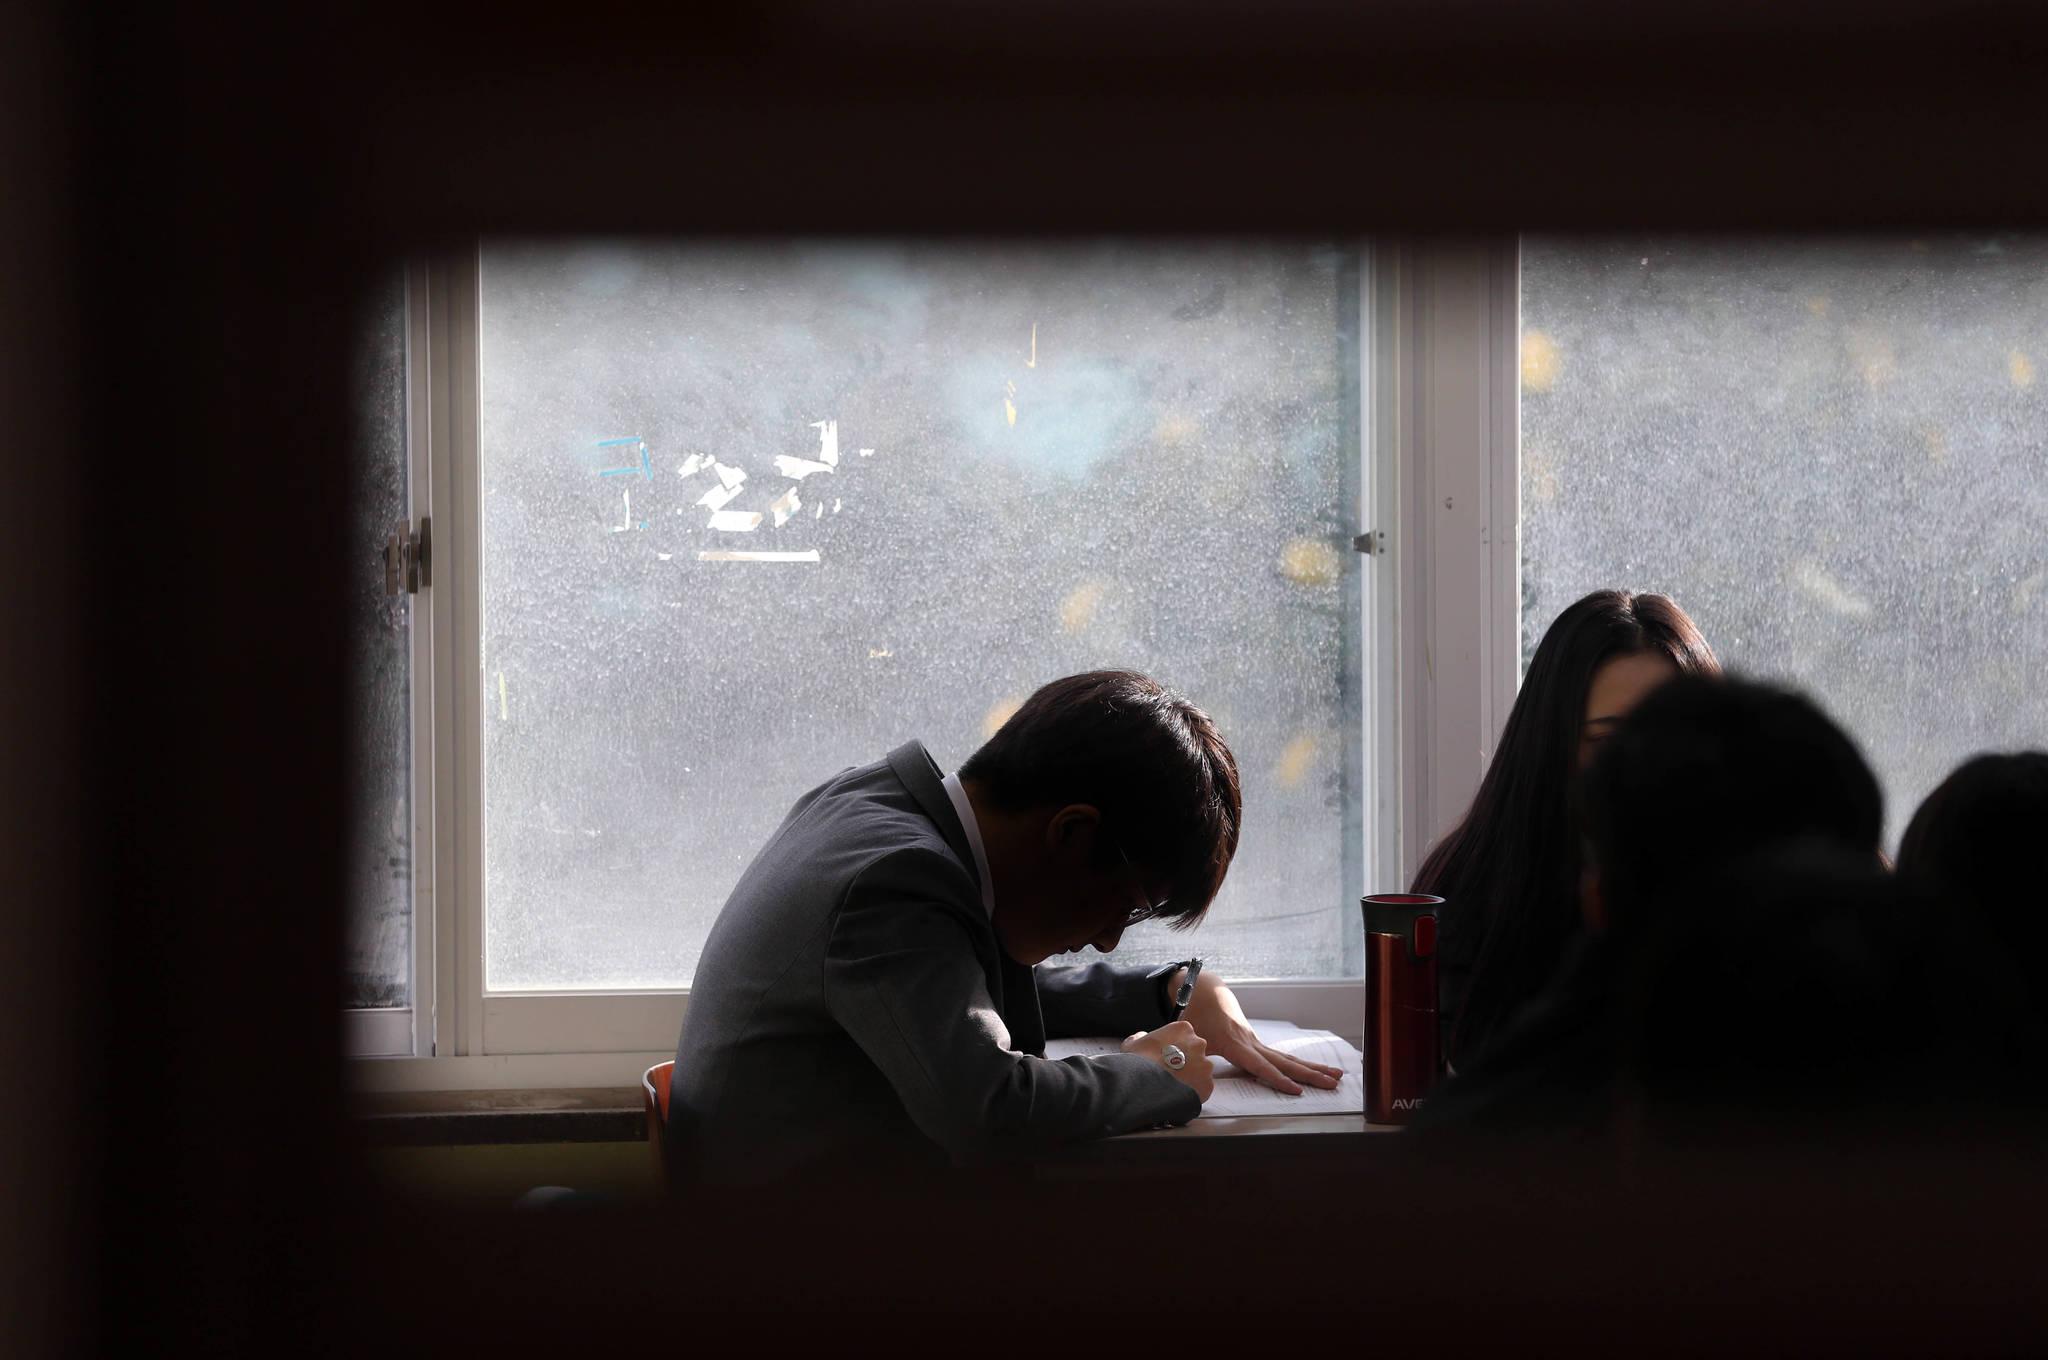 수험표를 받기 전 서울 서초고등학교 고3 교실에서 한 남학생이 책을 보고 있다. 신인섭 기자